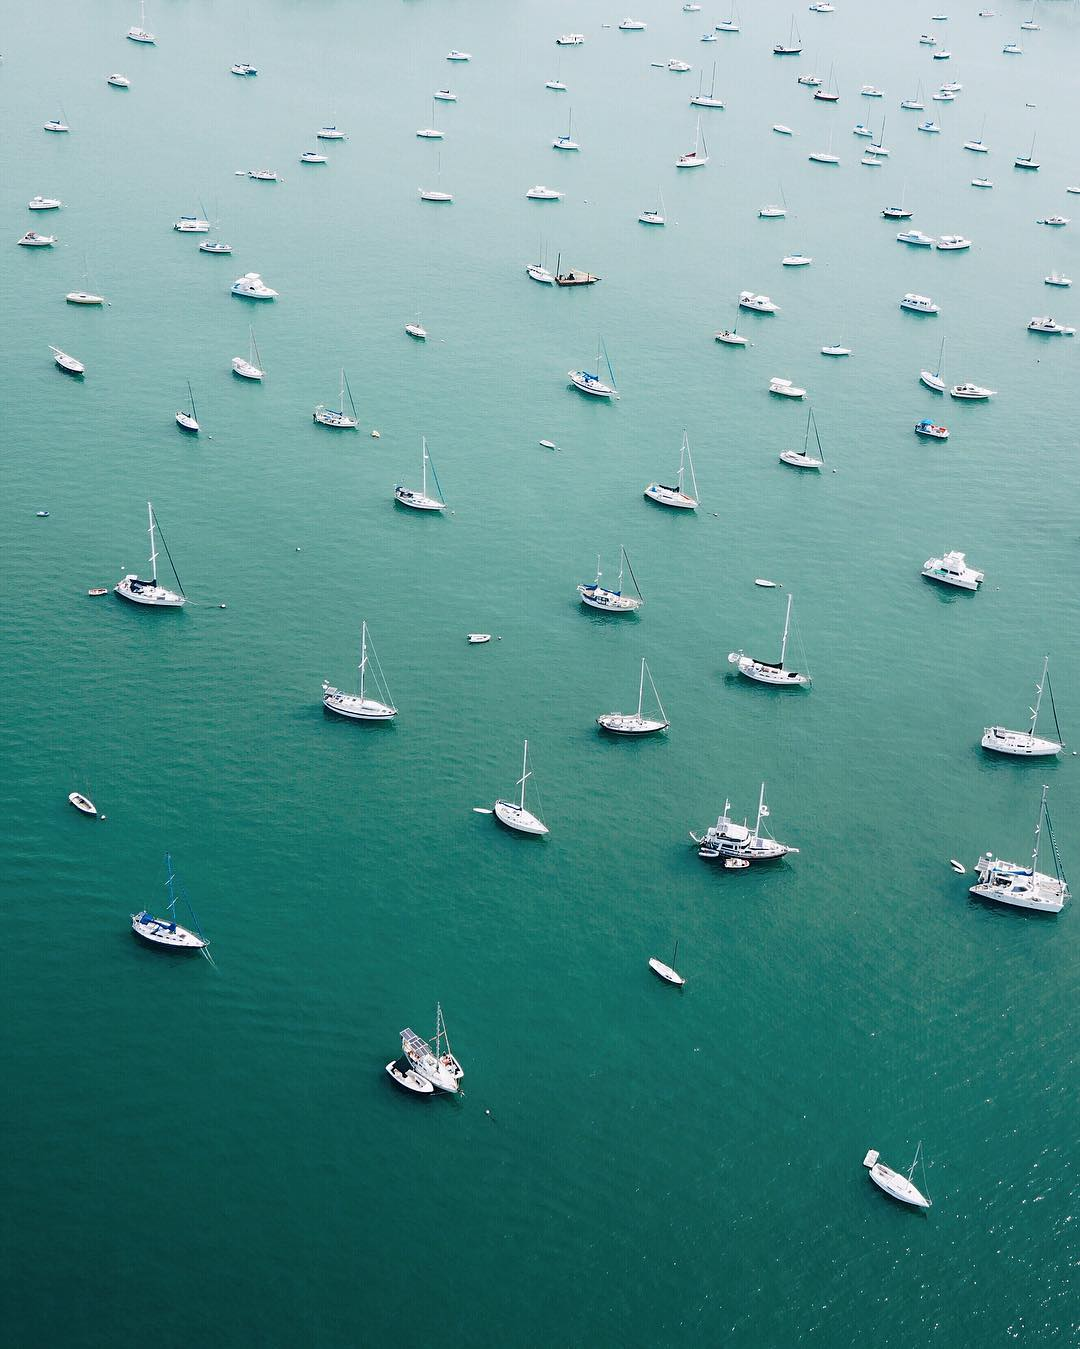 Удивительные аэрофотоснимки от Эрика Уорда